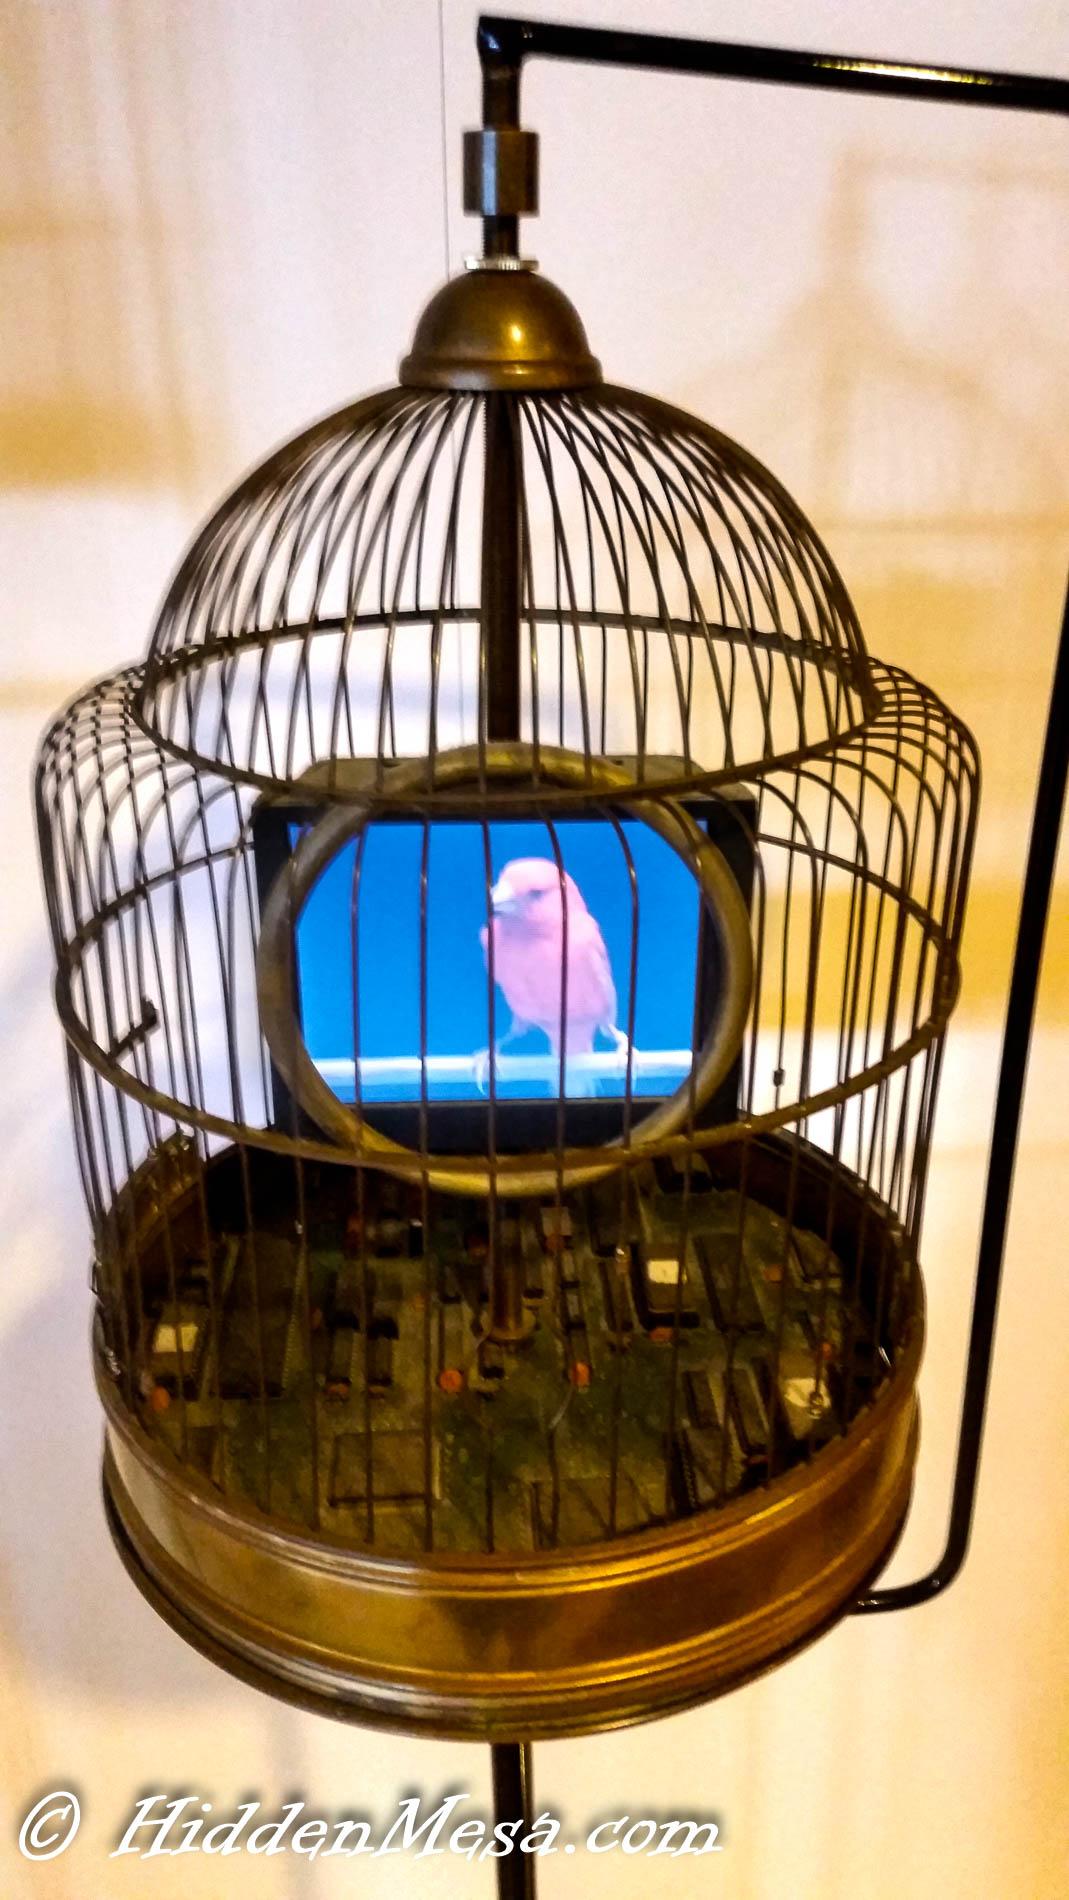 It Bird